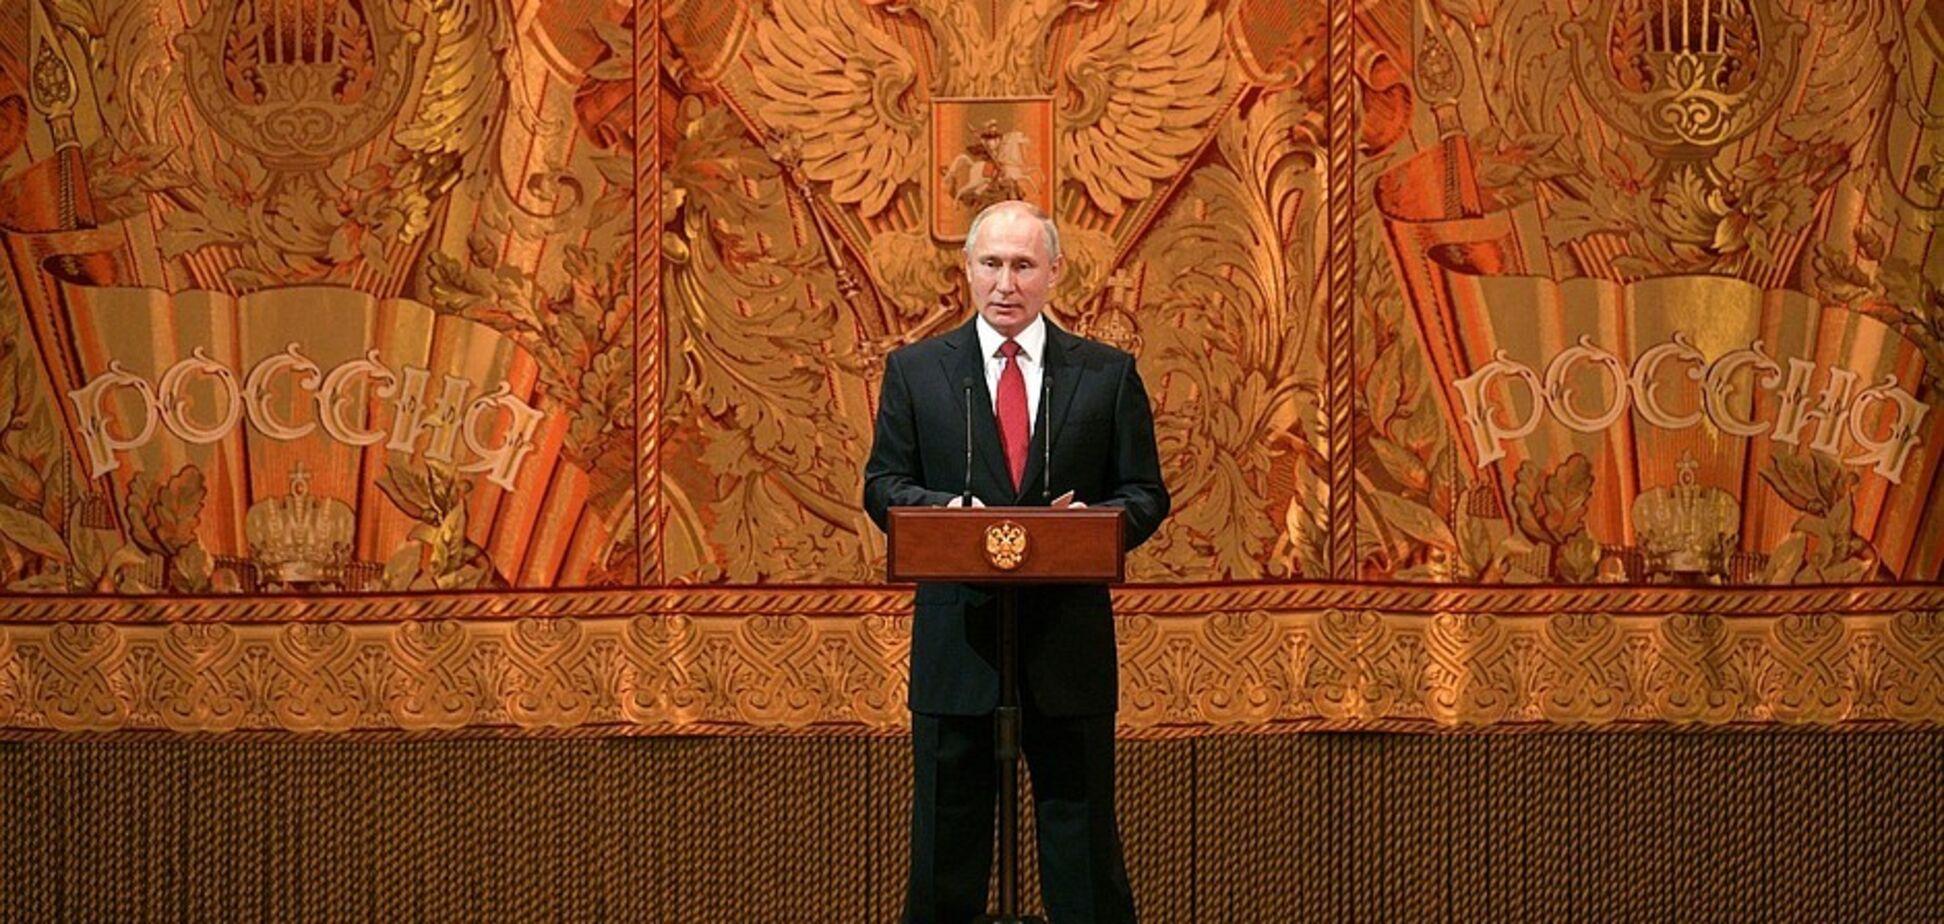 Для Росії 2019 рік закінчився, не розпочавшись: Путін осоромився з підсумковою промовою